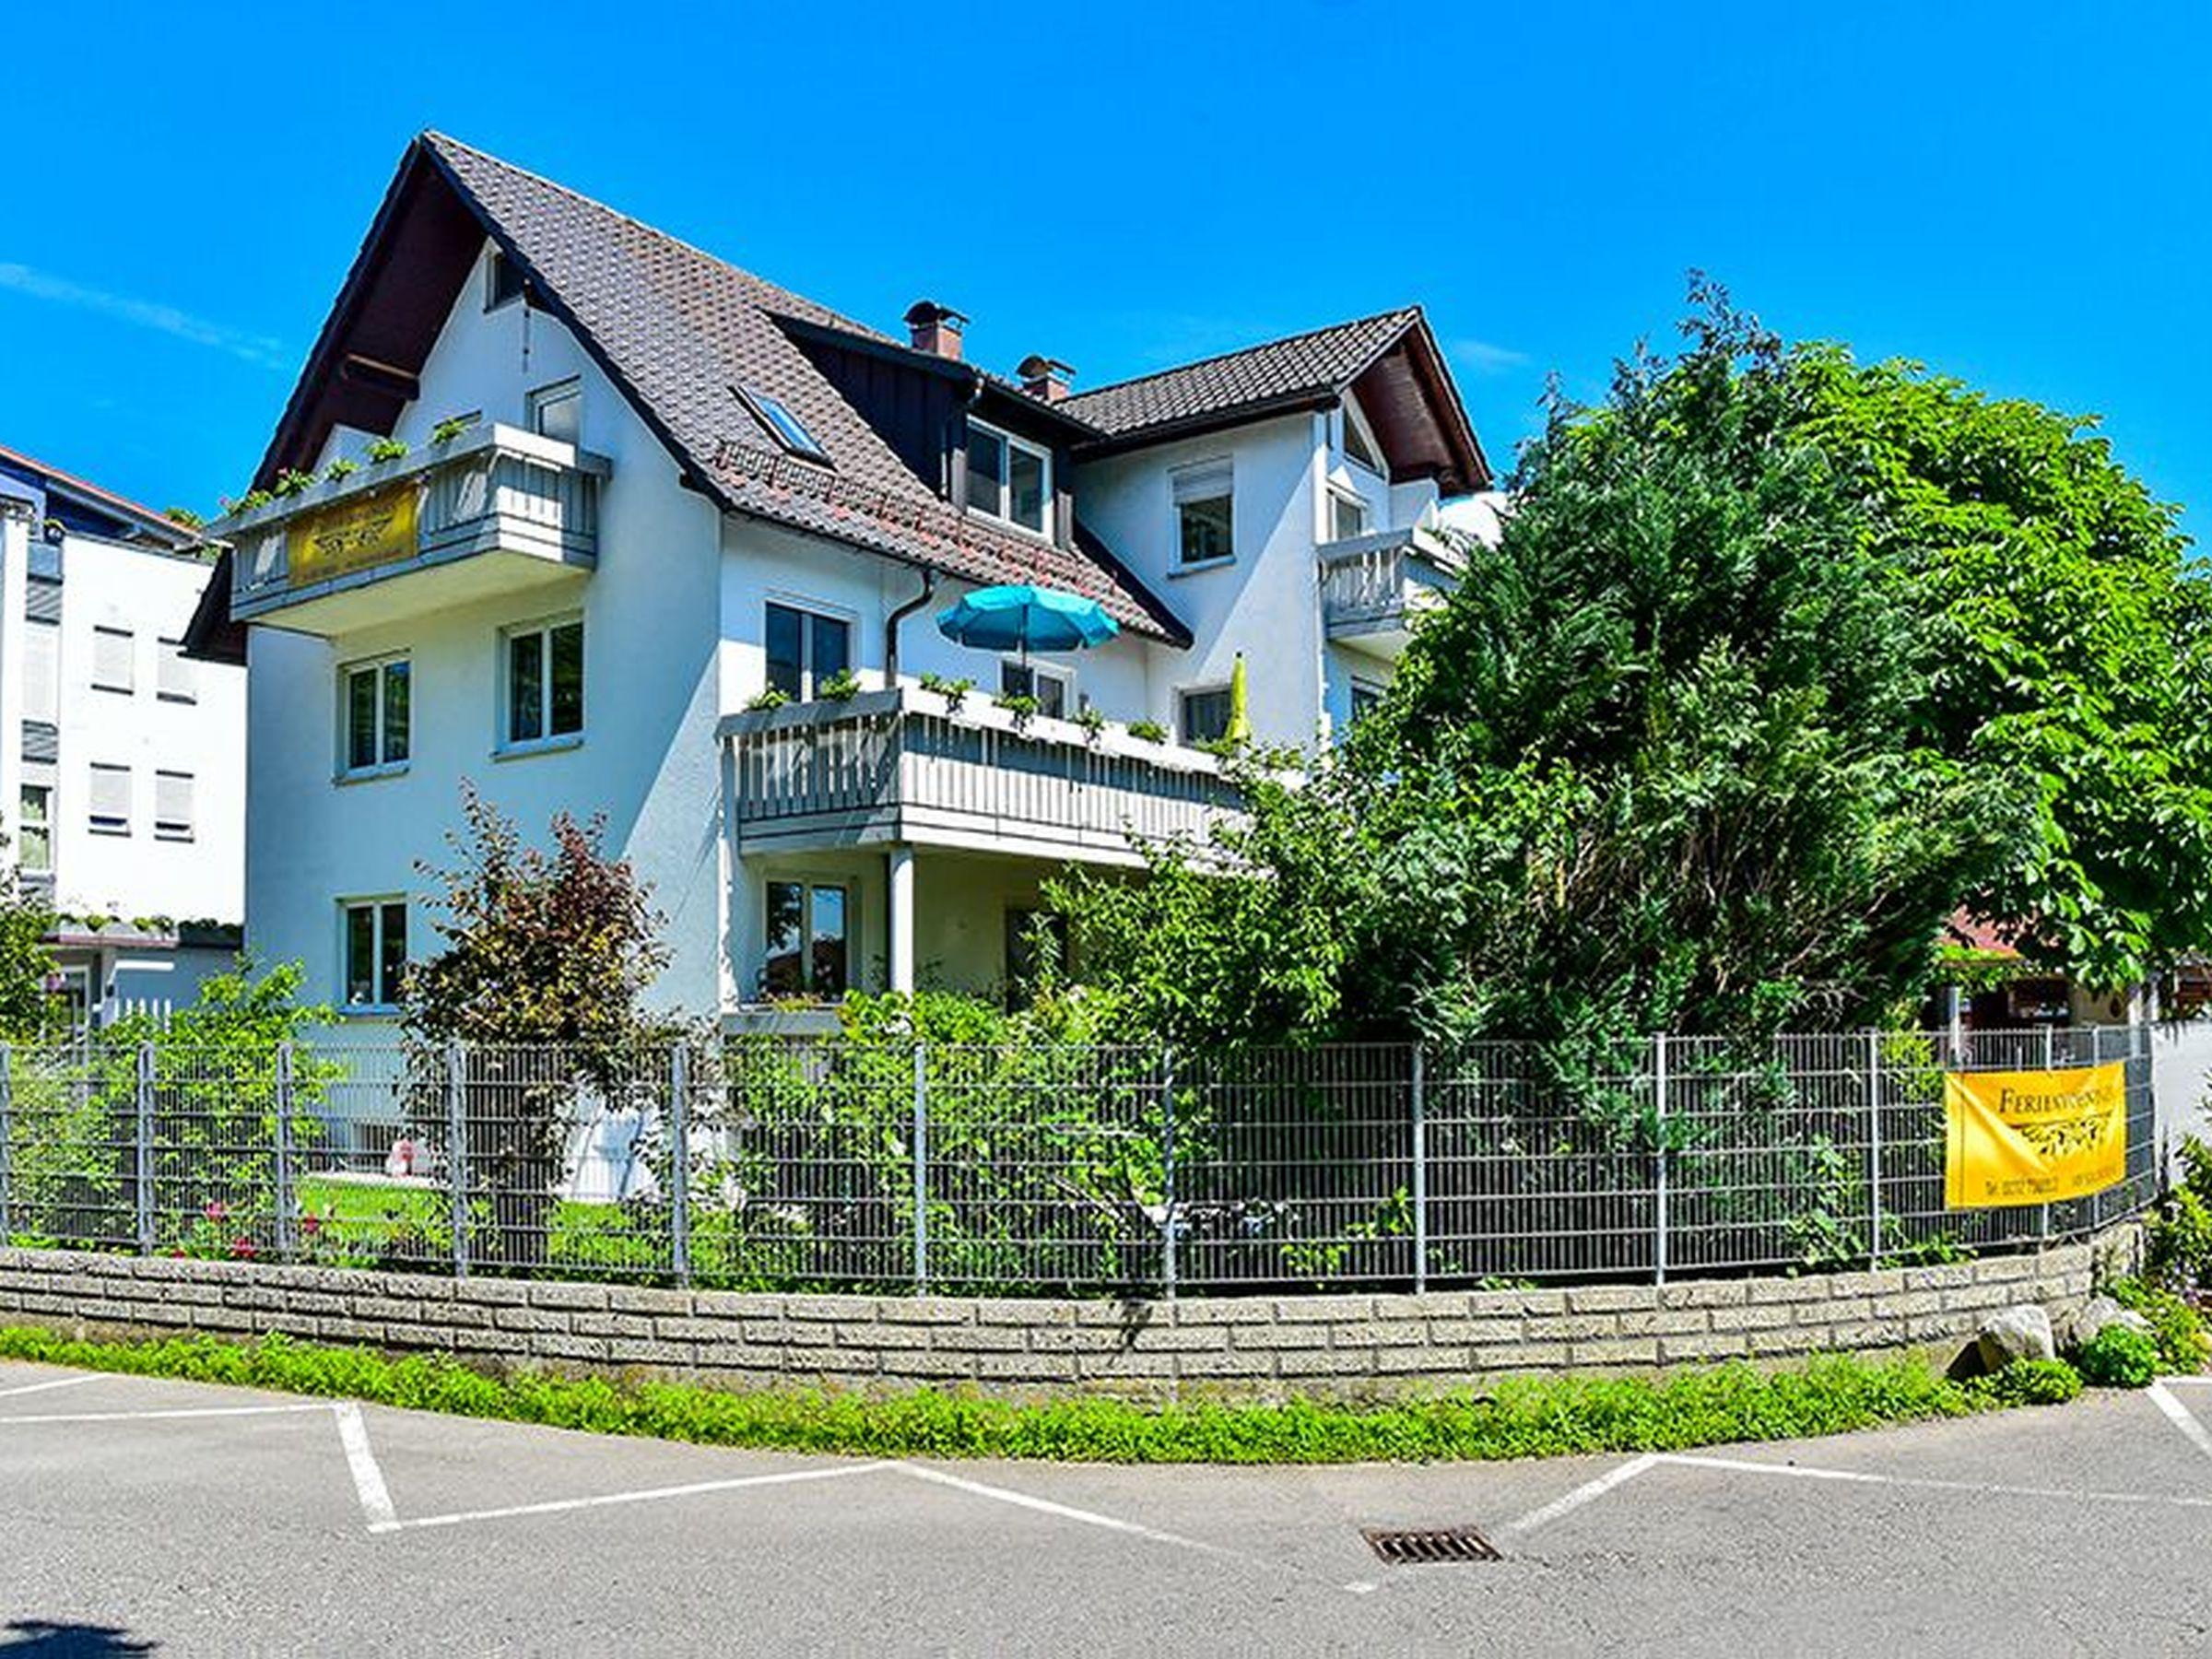 MY SECOND HOME, (Lindau am Bodensee). Ferienwohnun Ferienwohnung am Bodensee